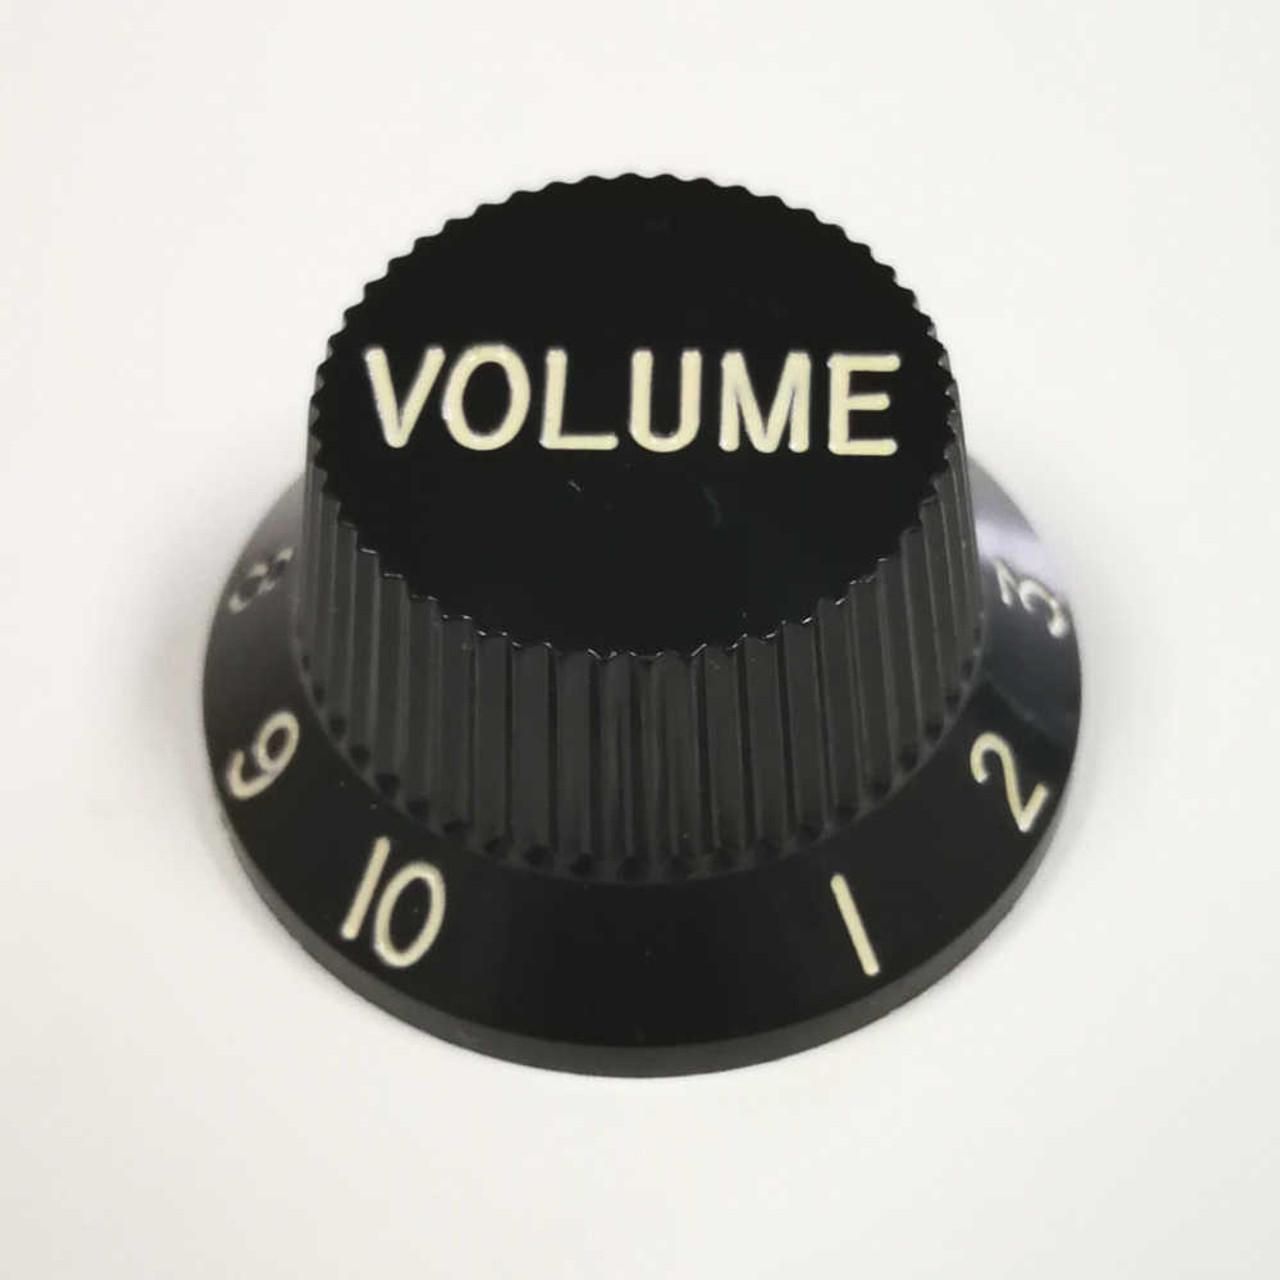 Strat Knob Volume - 24-spline Black